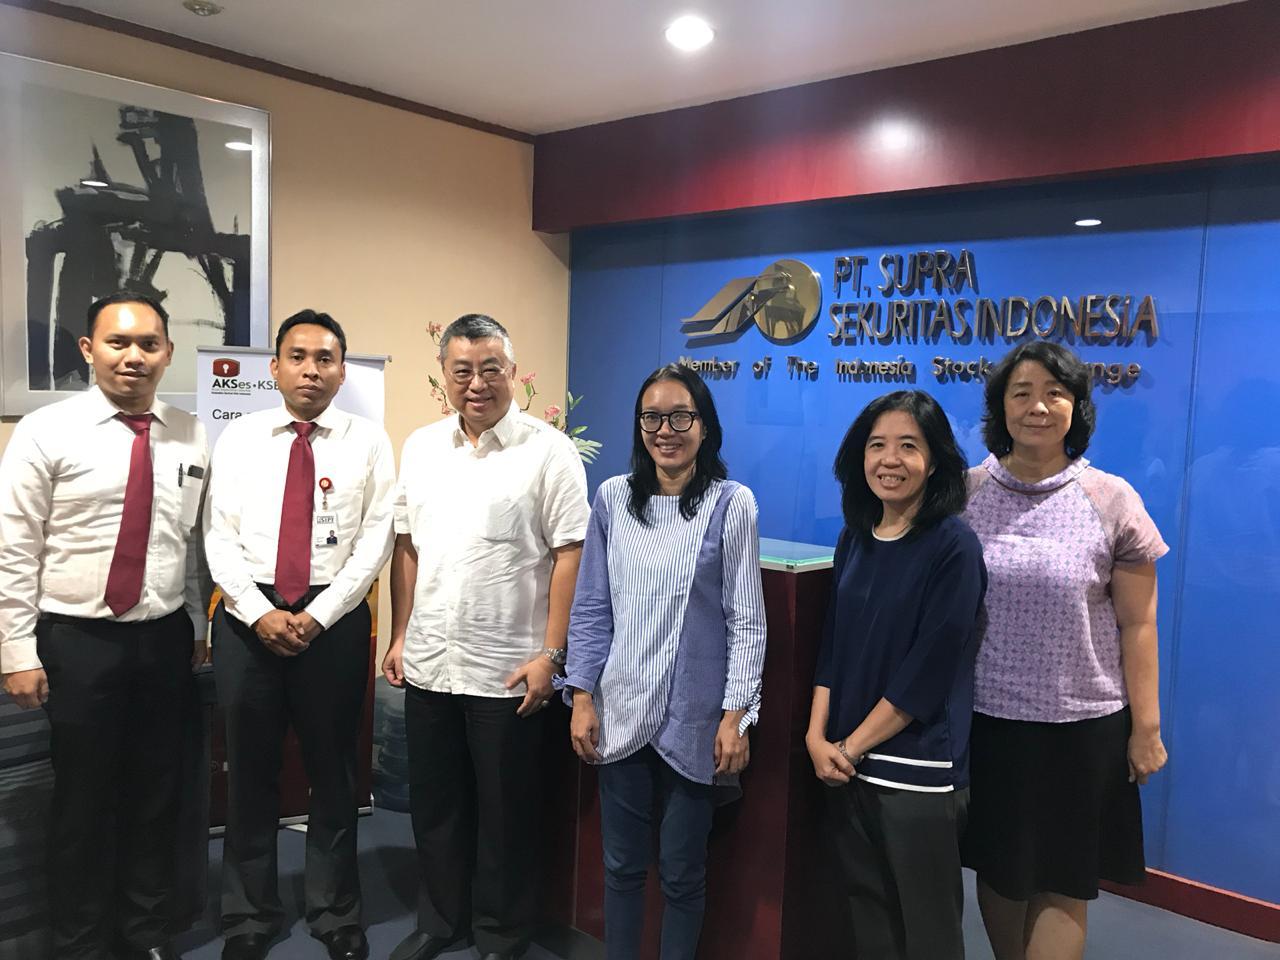 Kunjungan ke PT Supra Sekuritas Indonesia dalam Rangka Sosialisasi Dana Perlindungan Pemodal